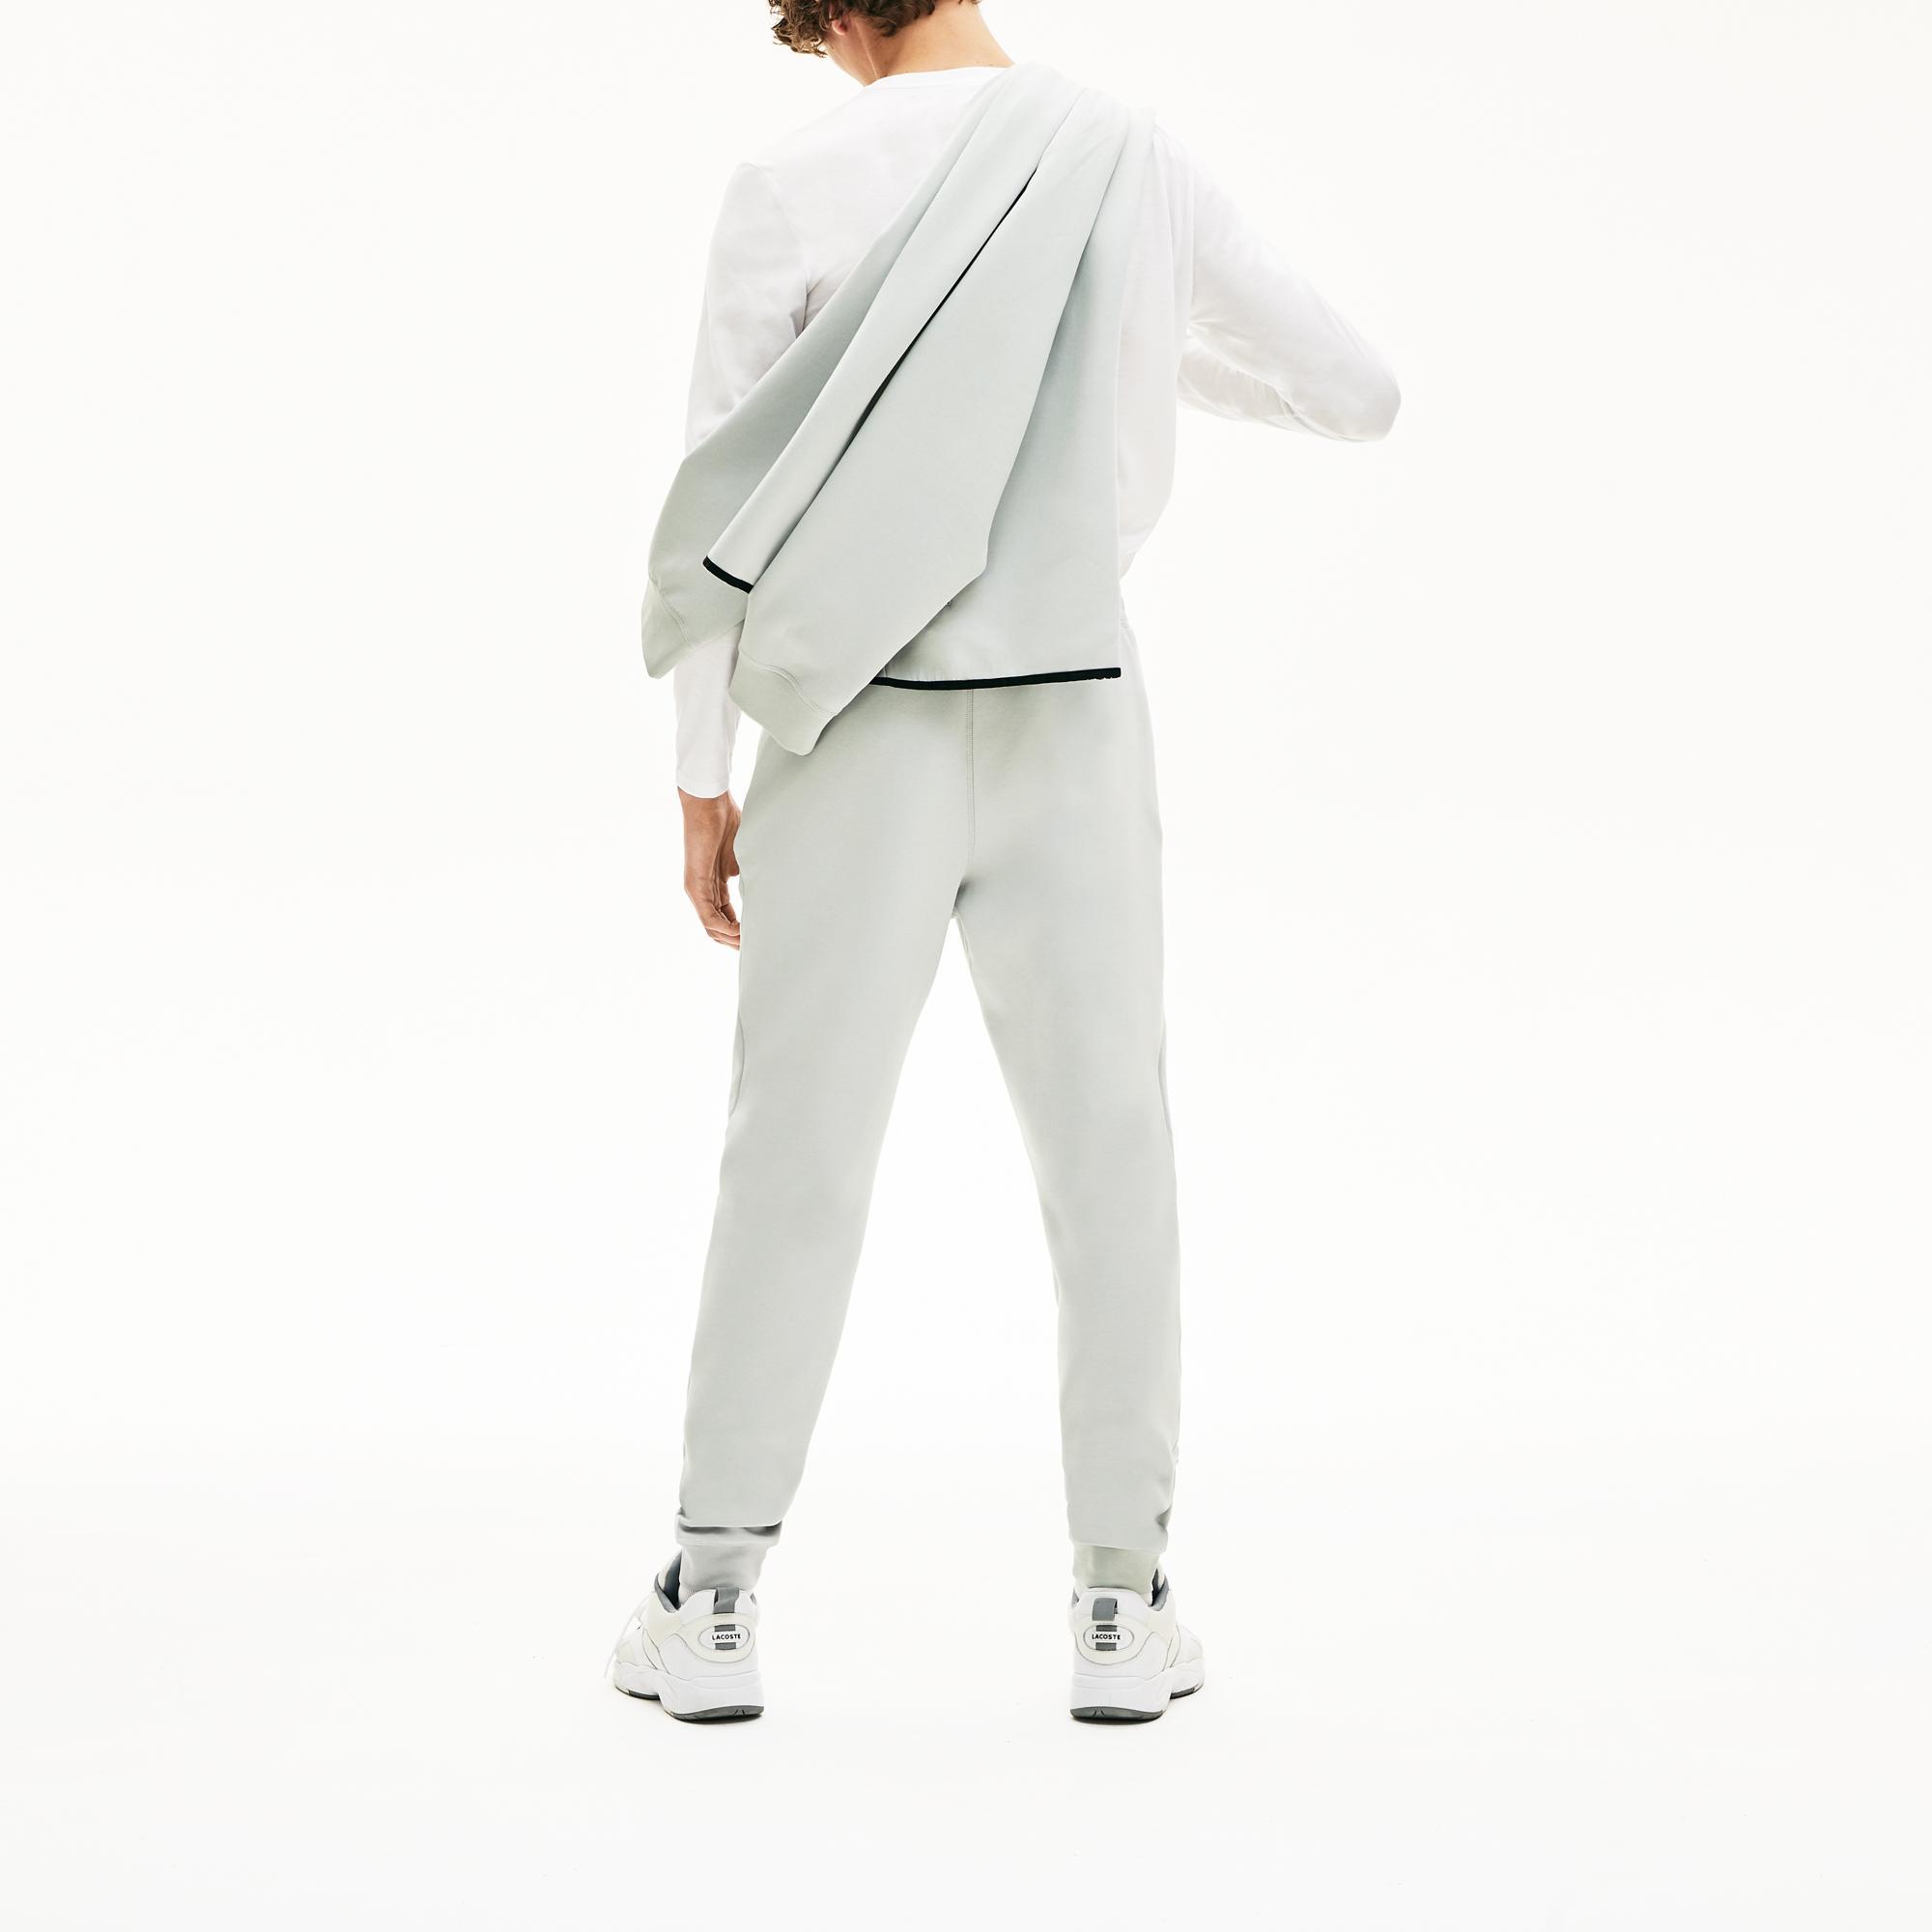 Lacoste Męskie Spodnie Dresowe Motion Z Elastycznej Bawełny